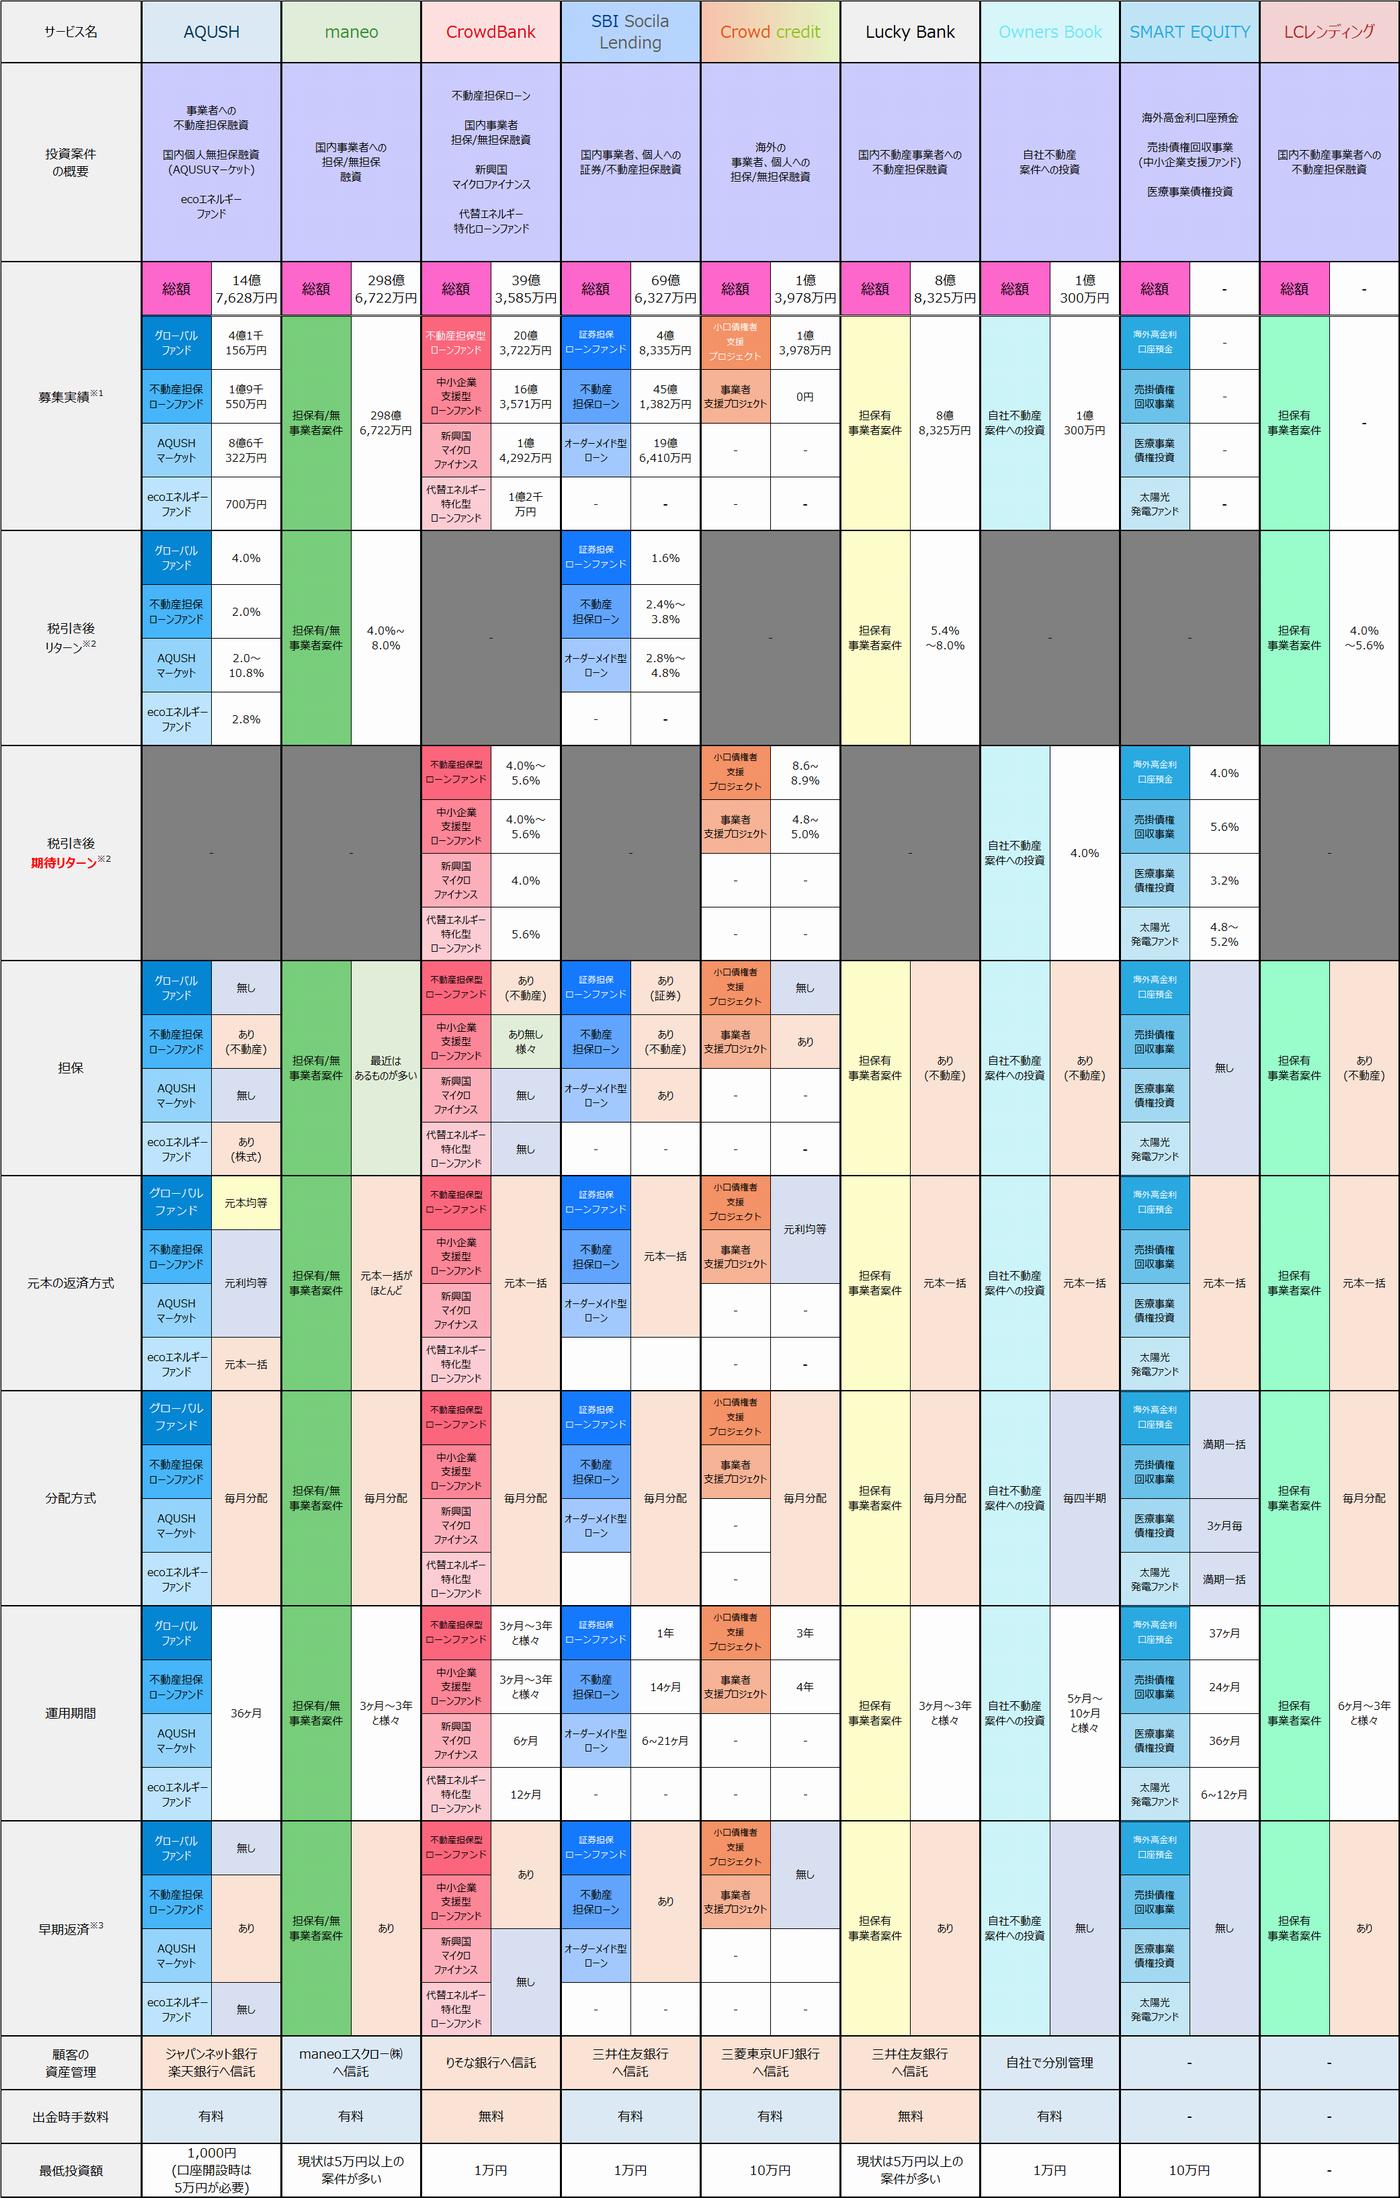 2015年7月時点ソーシャルレンディングサービス提供案件比較